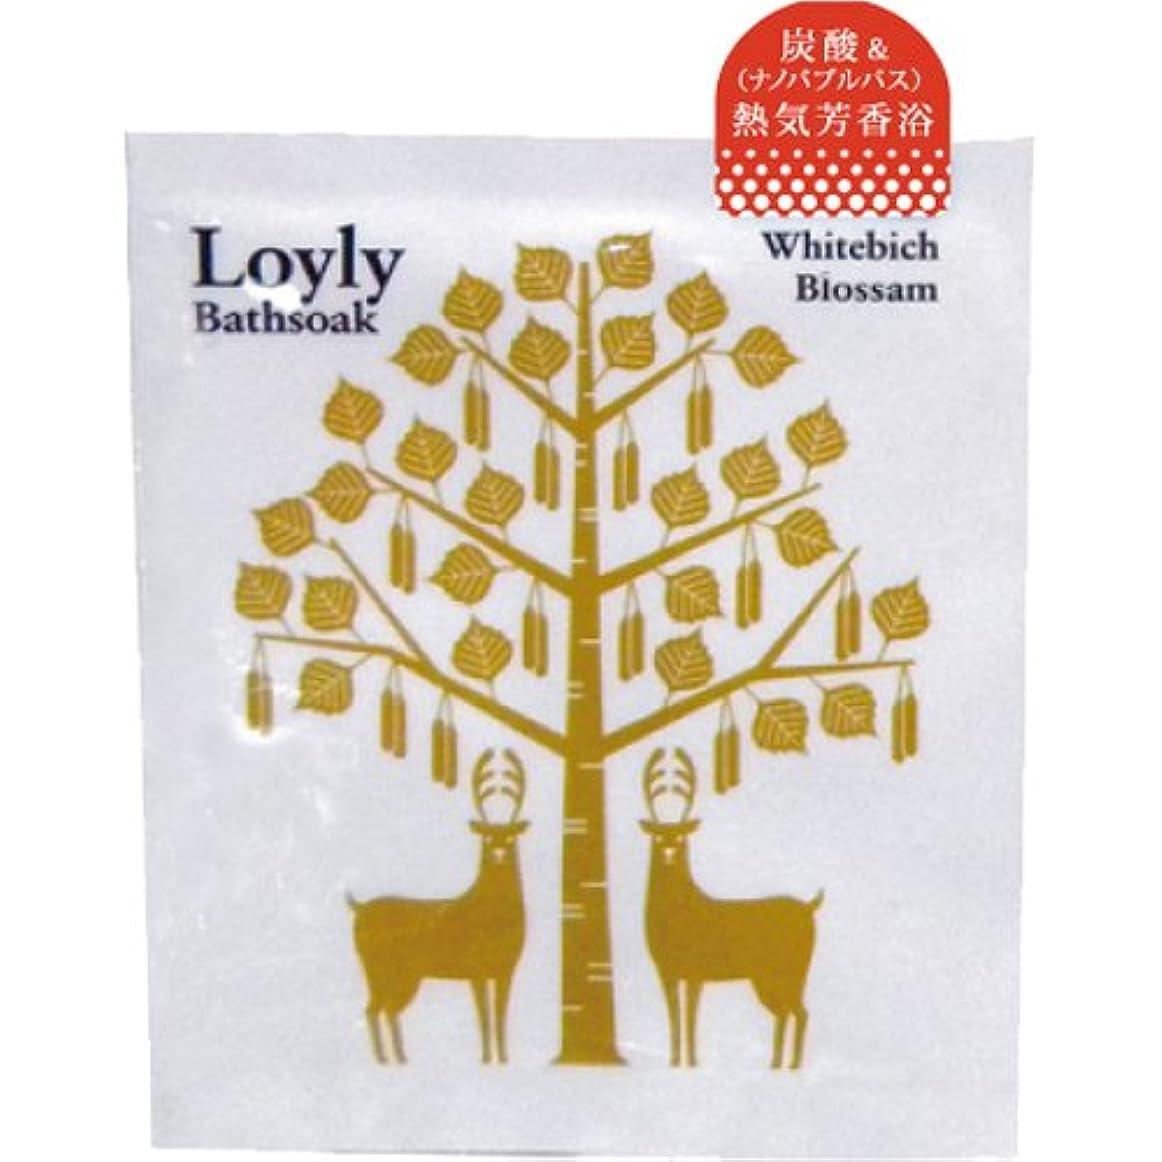 見通し認証小麦チャーリー ロウリュ フィンランドバスソーク 花白樺 50g